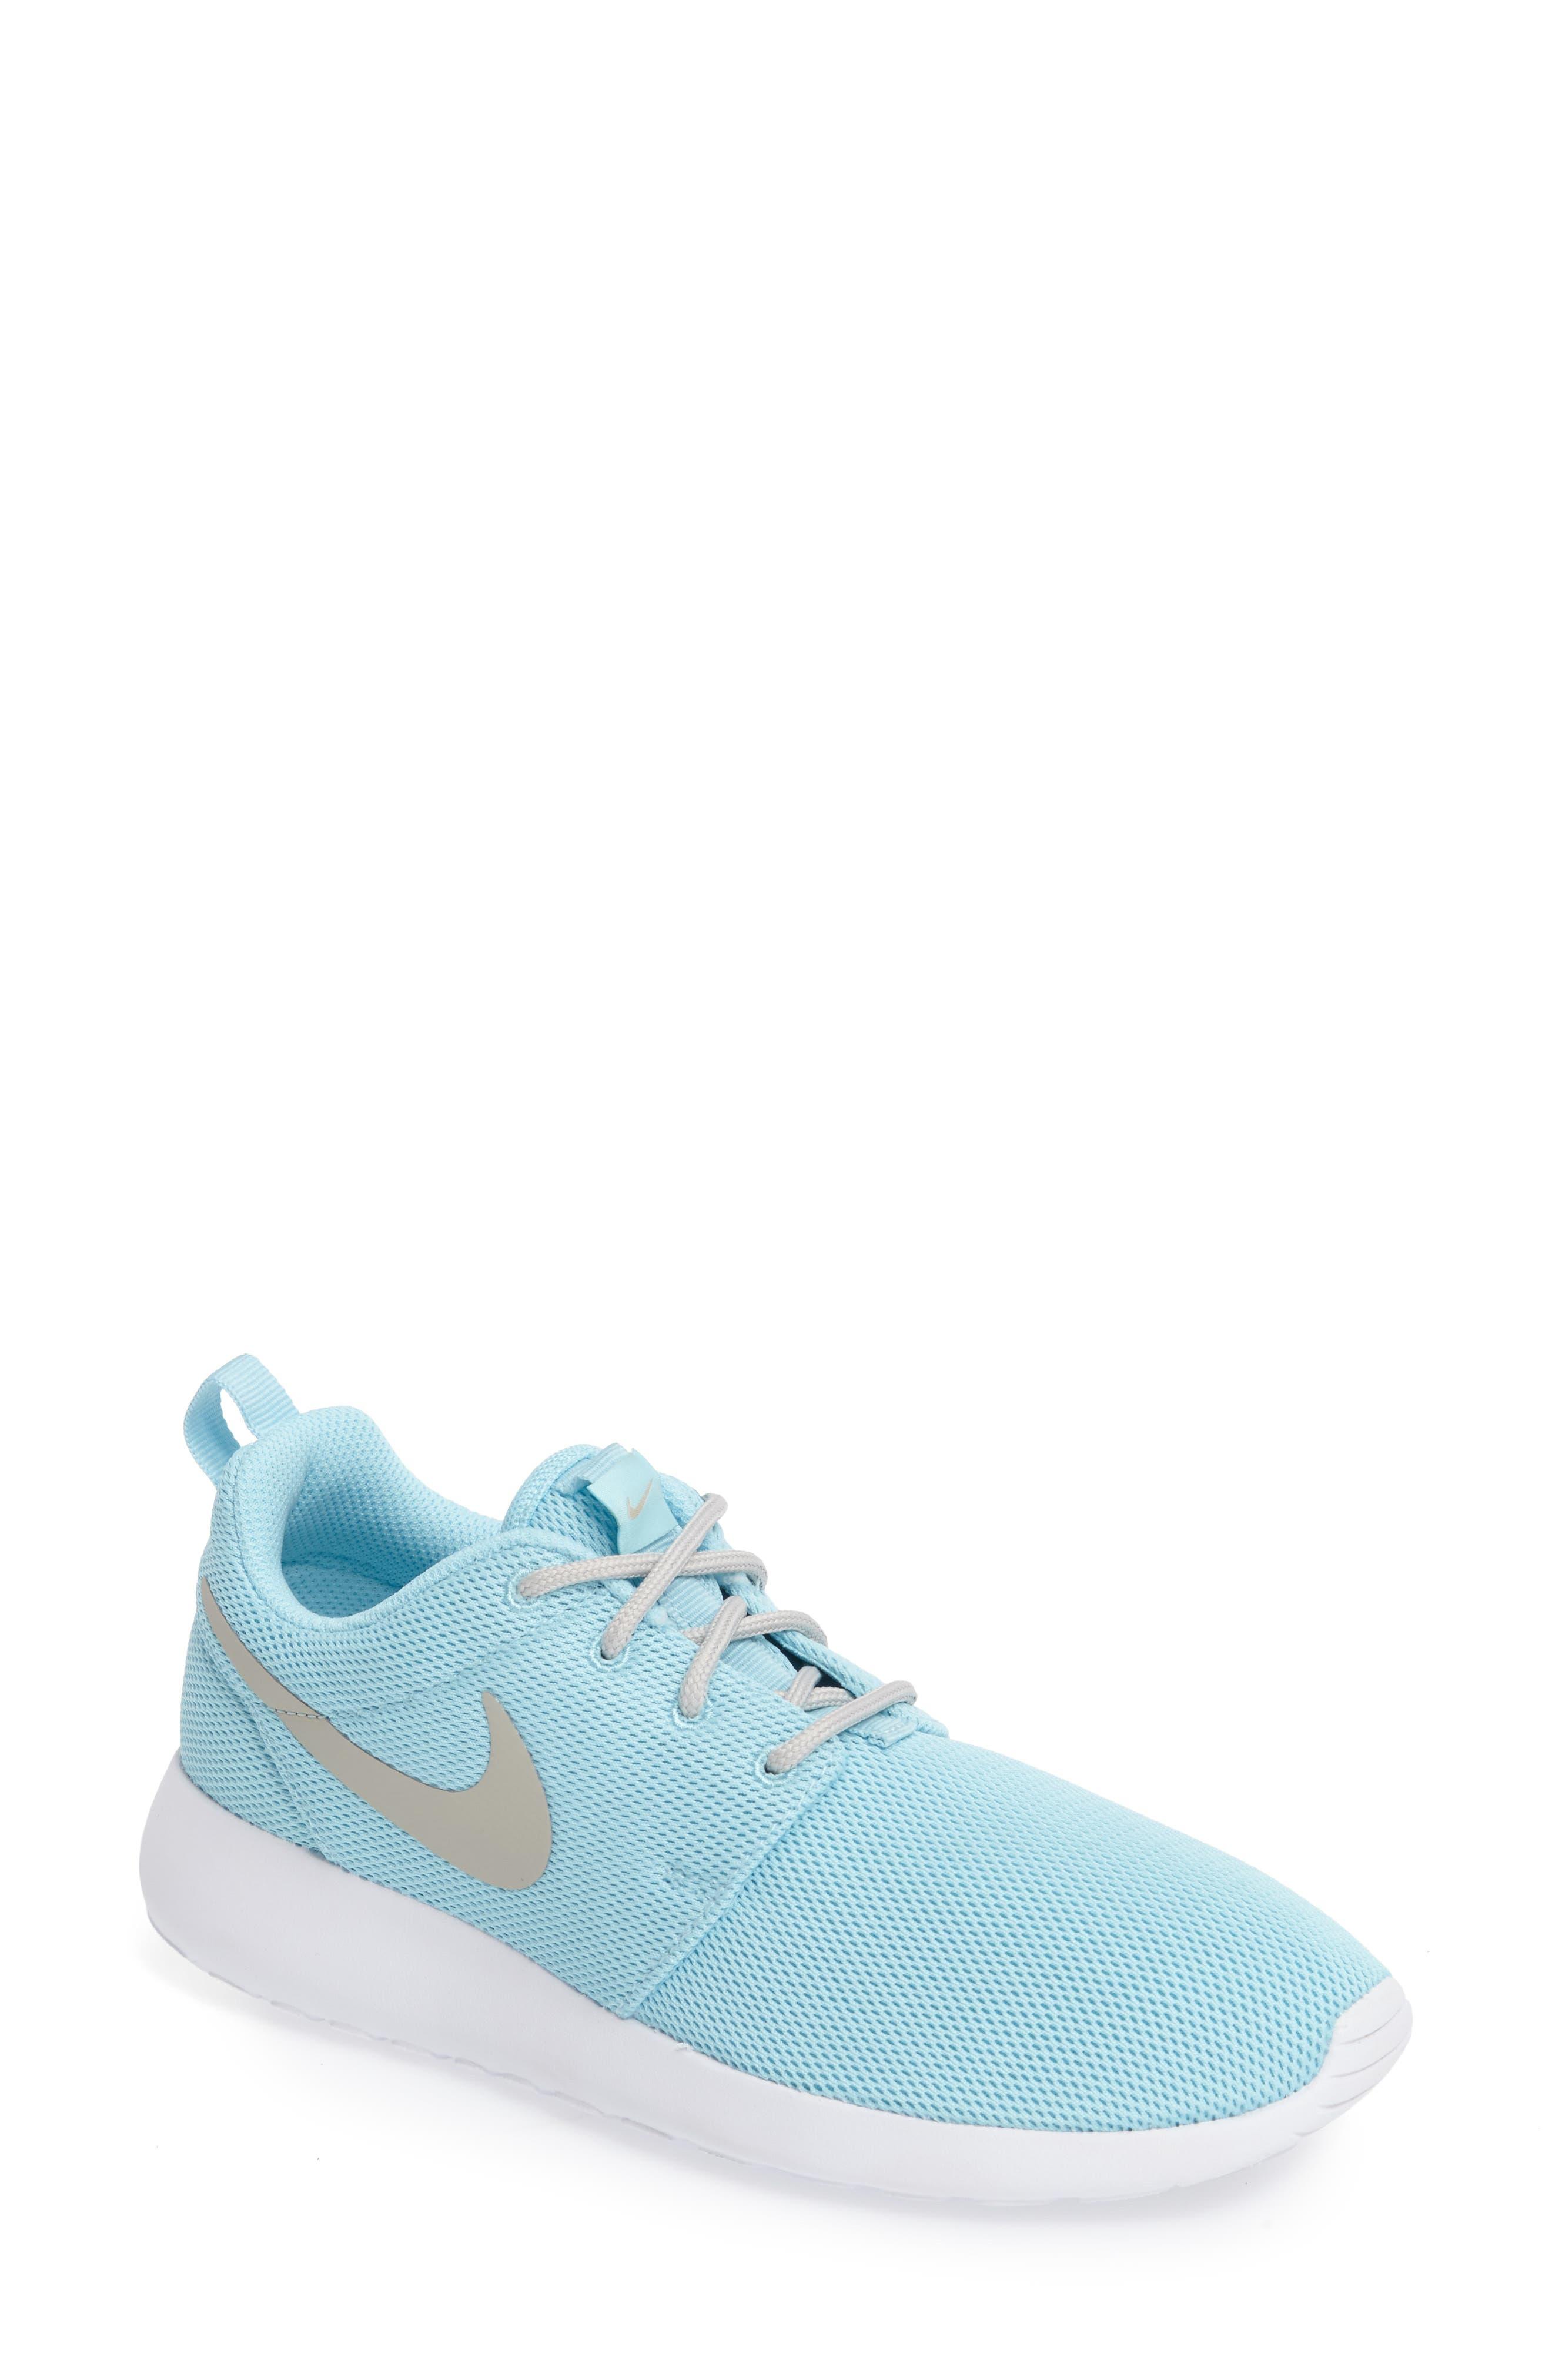 c0132af0b33 Nike Roshe Run Women Shop Where To Buy Nike Roshe One